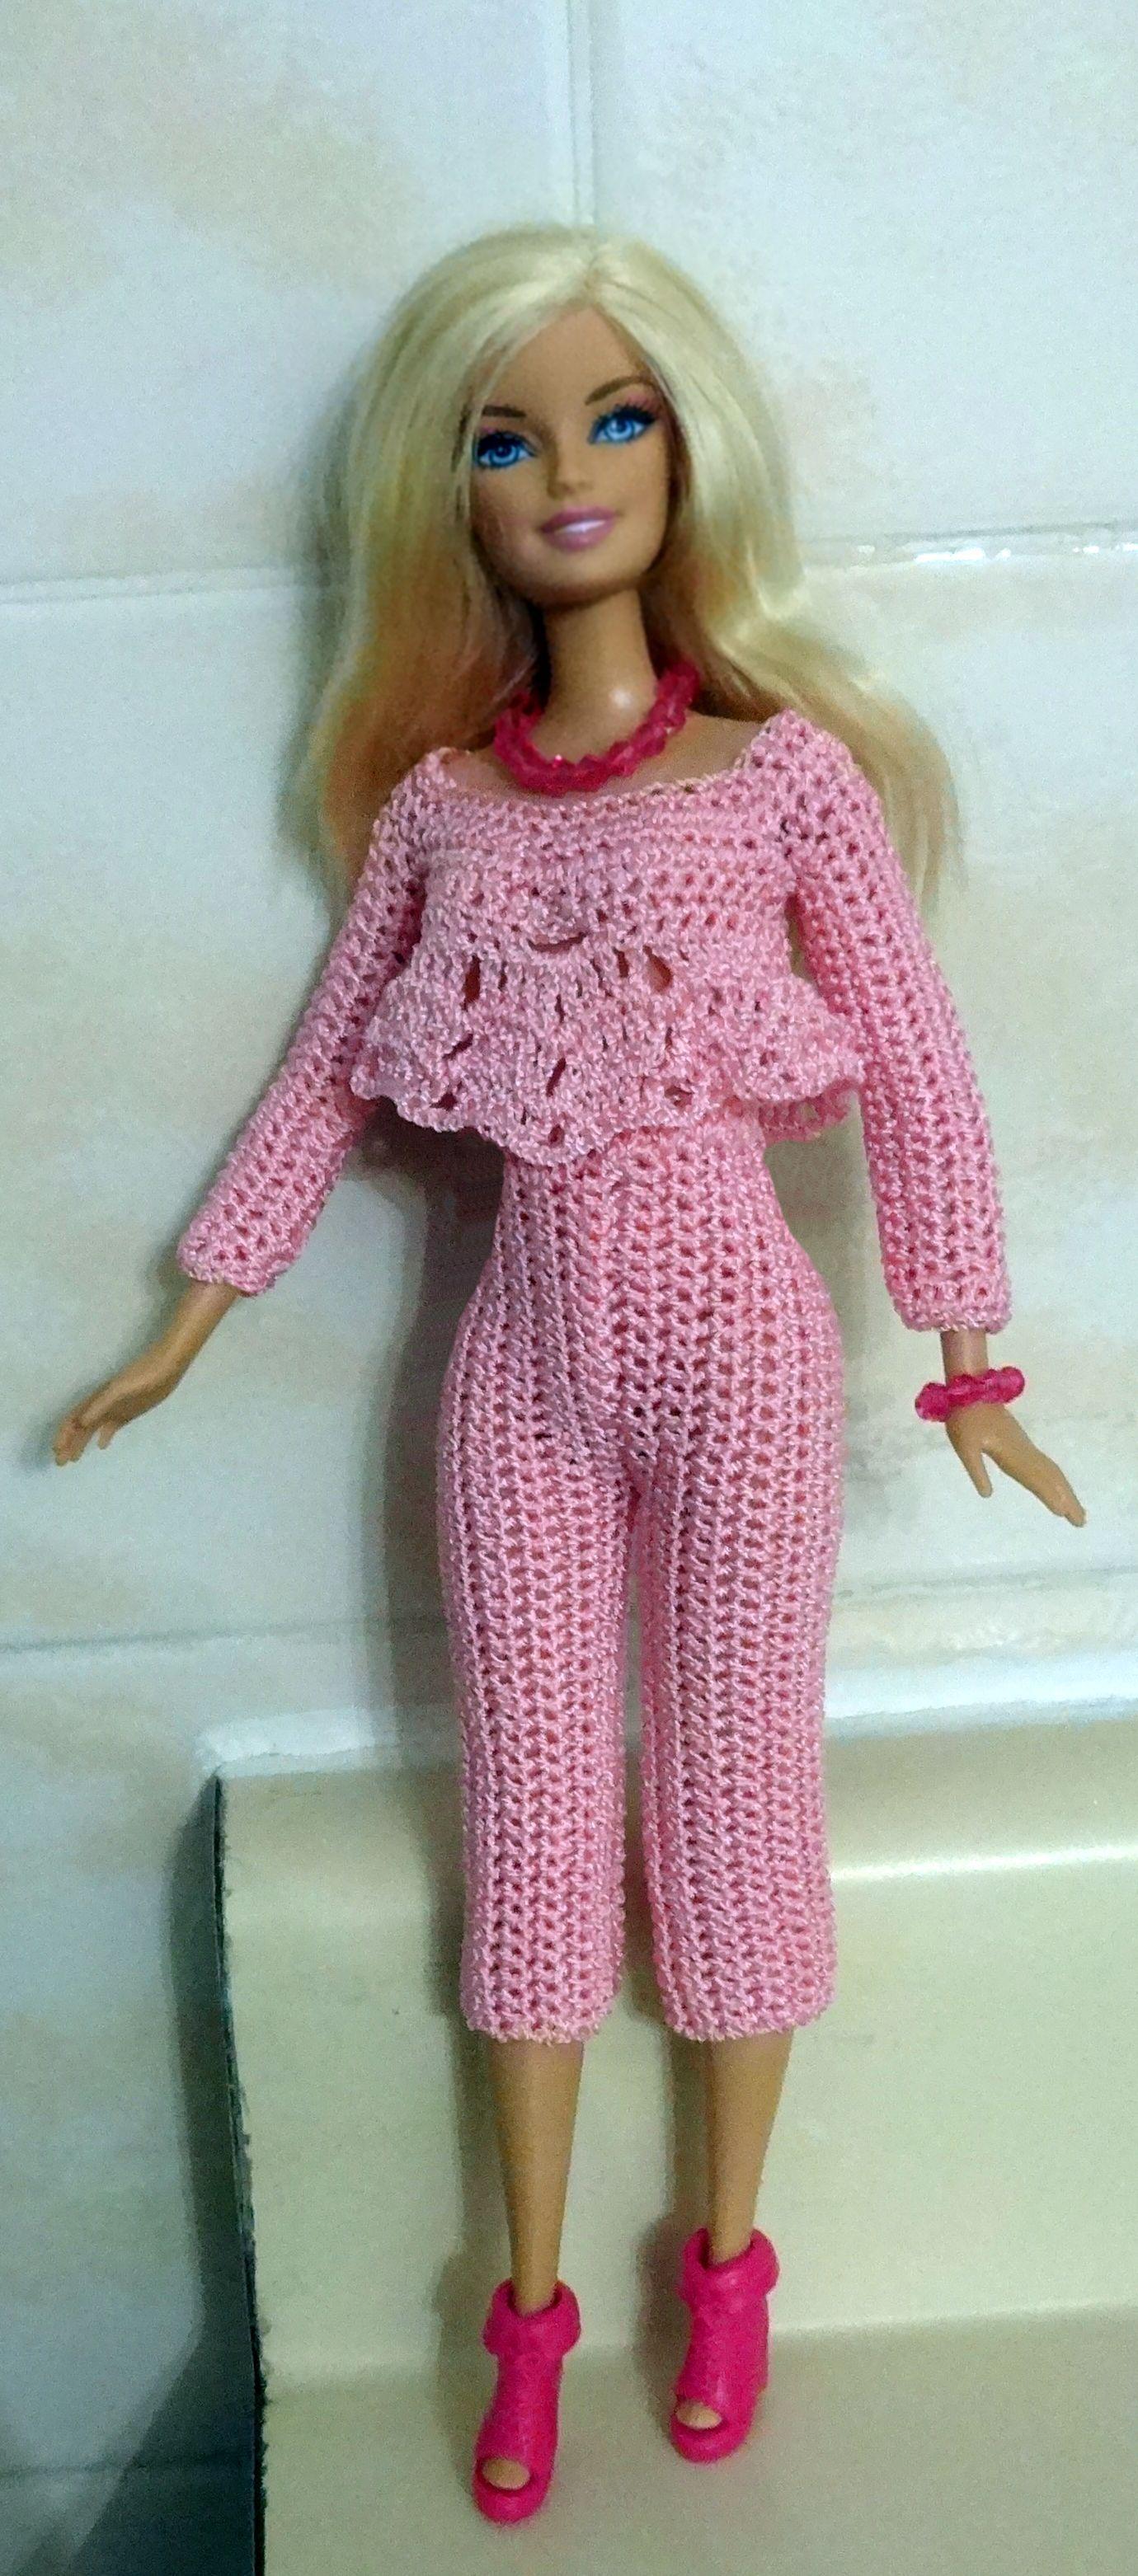 Roupa Rosa Crochê Pinterest Barbie Puppen Und Puppenkleider